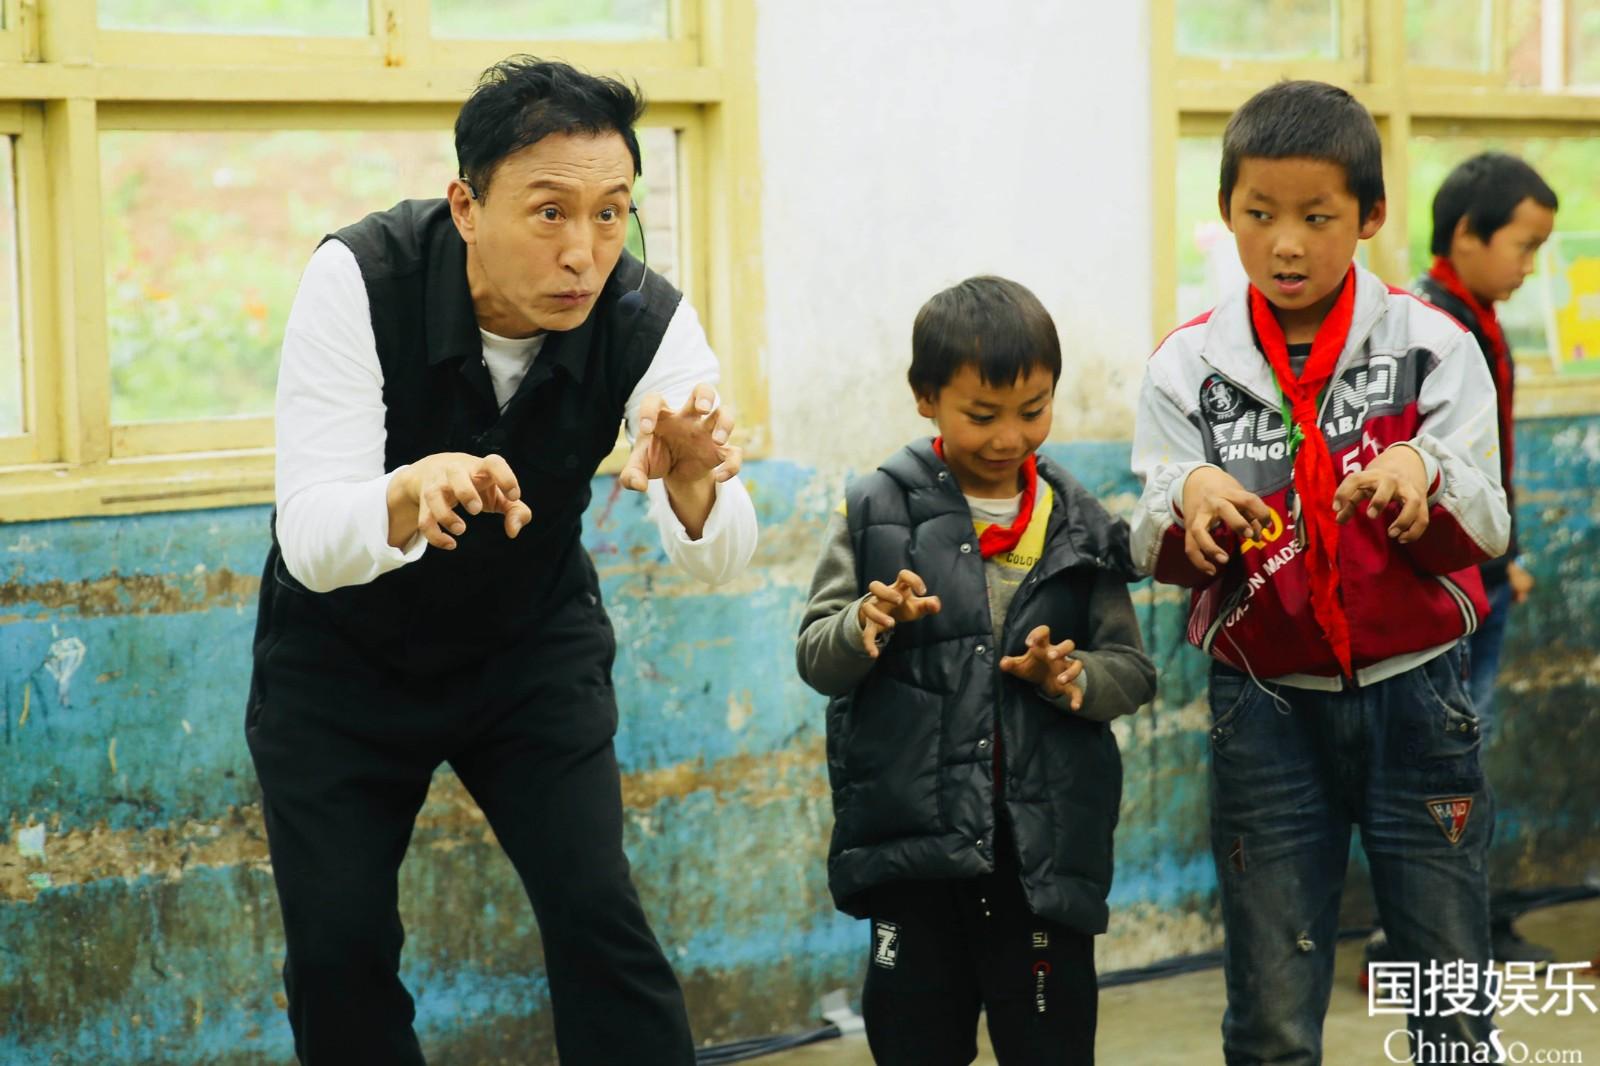 王洛勇指导学生表演狼群